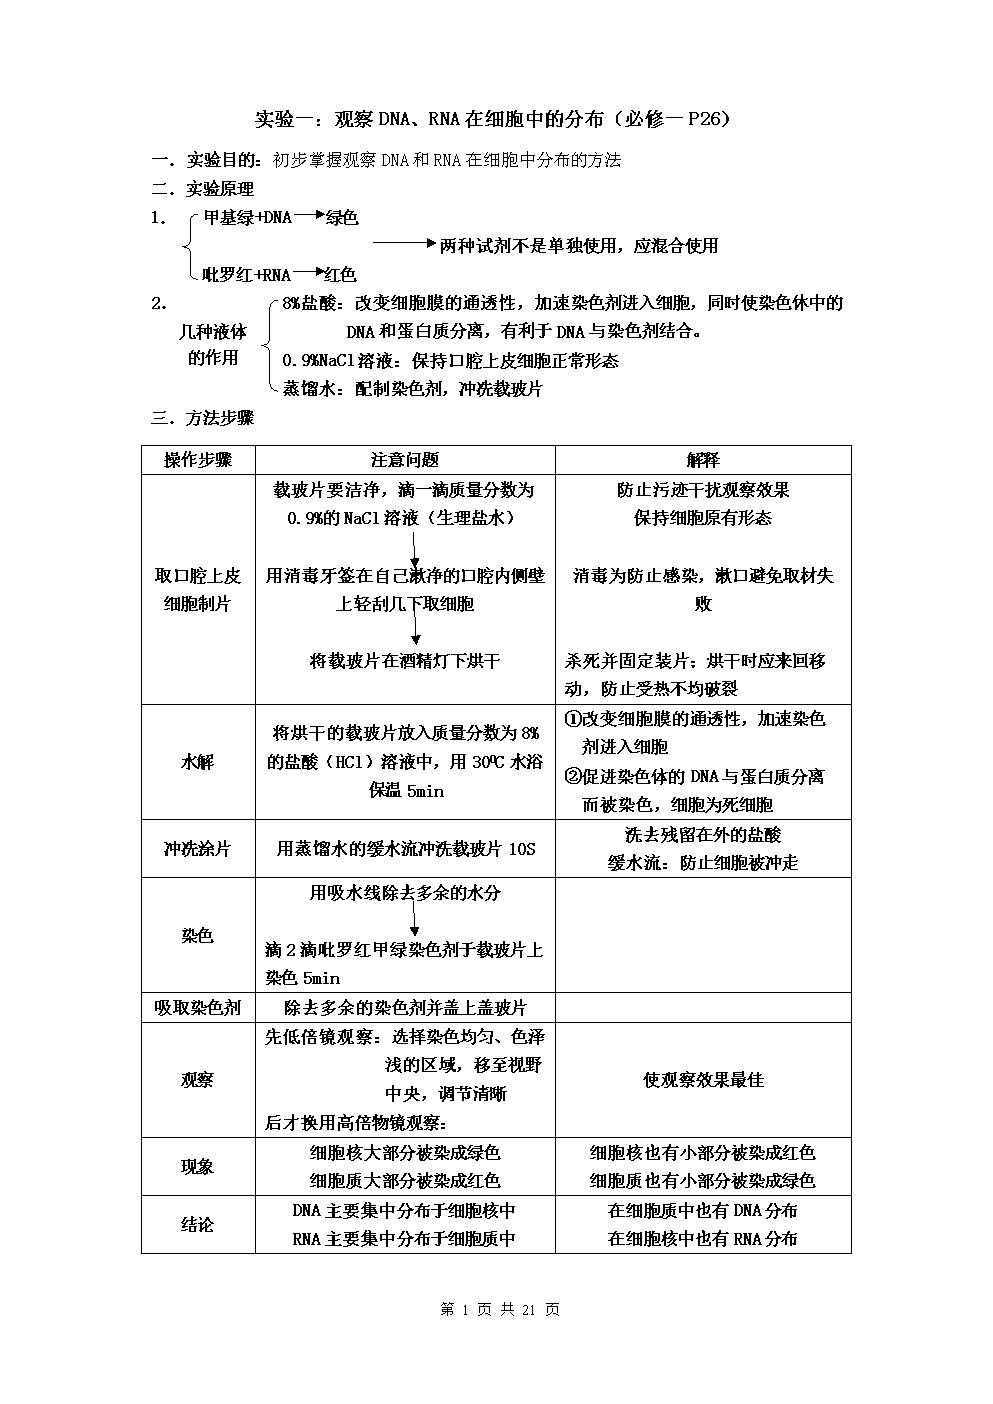 高中高中精要个v高中整理与归纳生物.doc议论文慎独800课本字图片